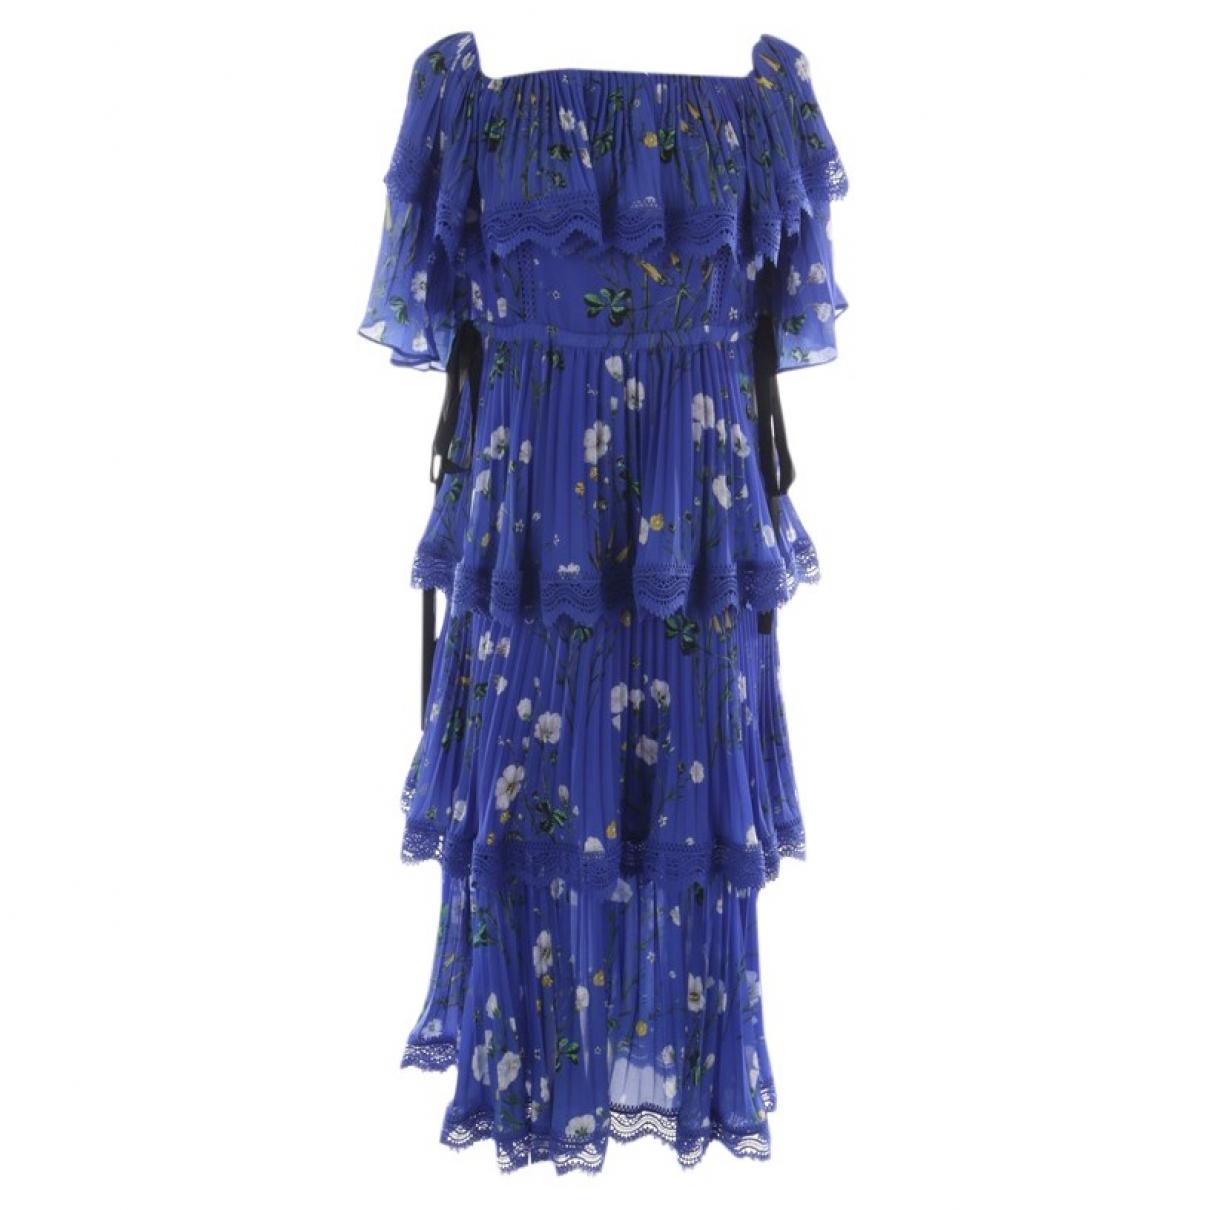 Self Portrait \N Blue dress for Women 36 FR